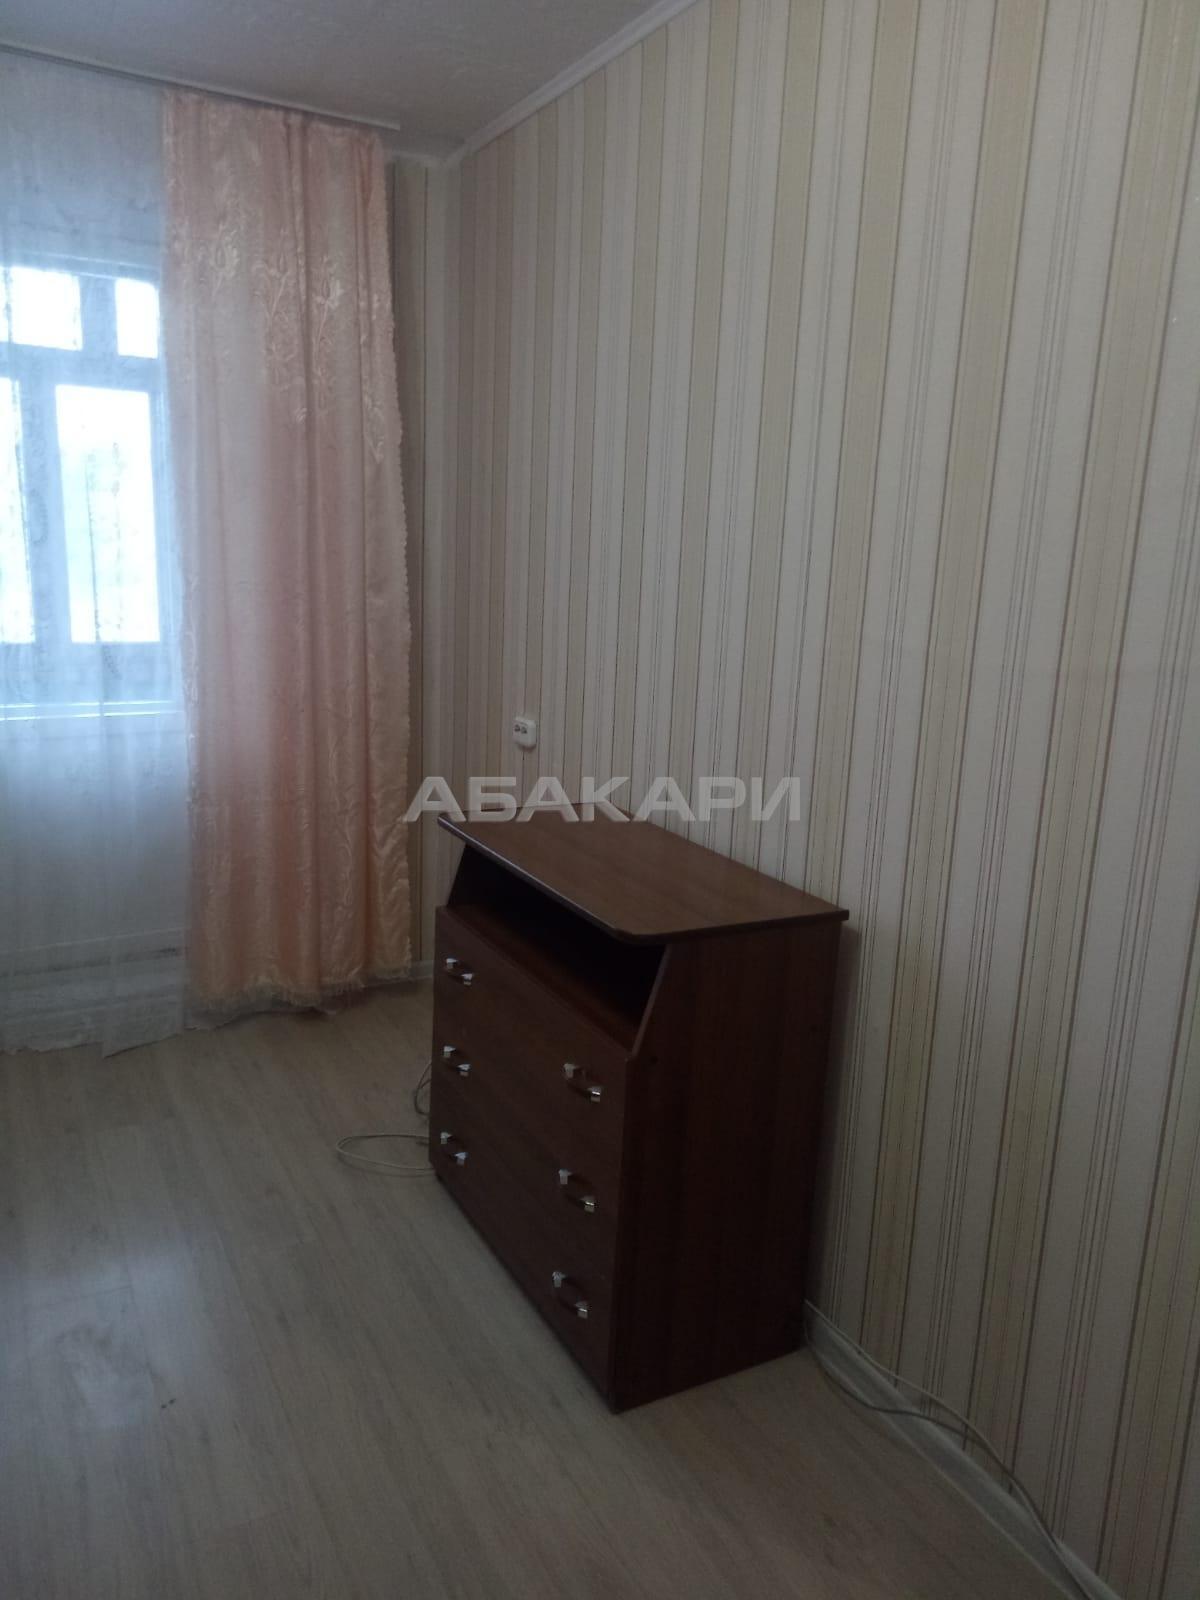 1к квартира улица Микуцкого, 2А 7/9 - 30кв   13000   аренда в Красноярске фото 1